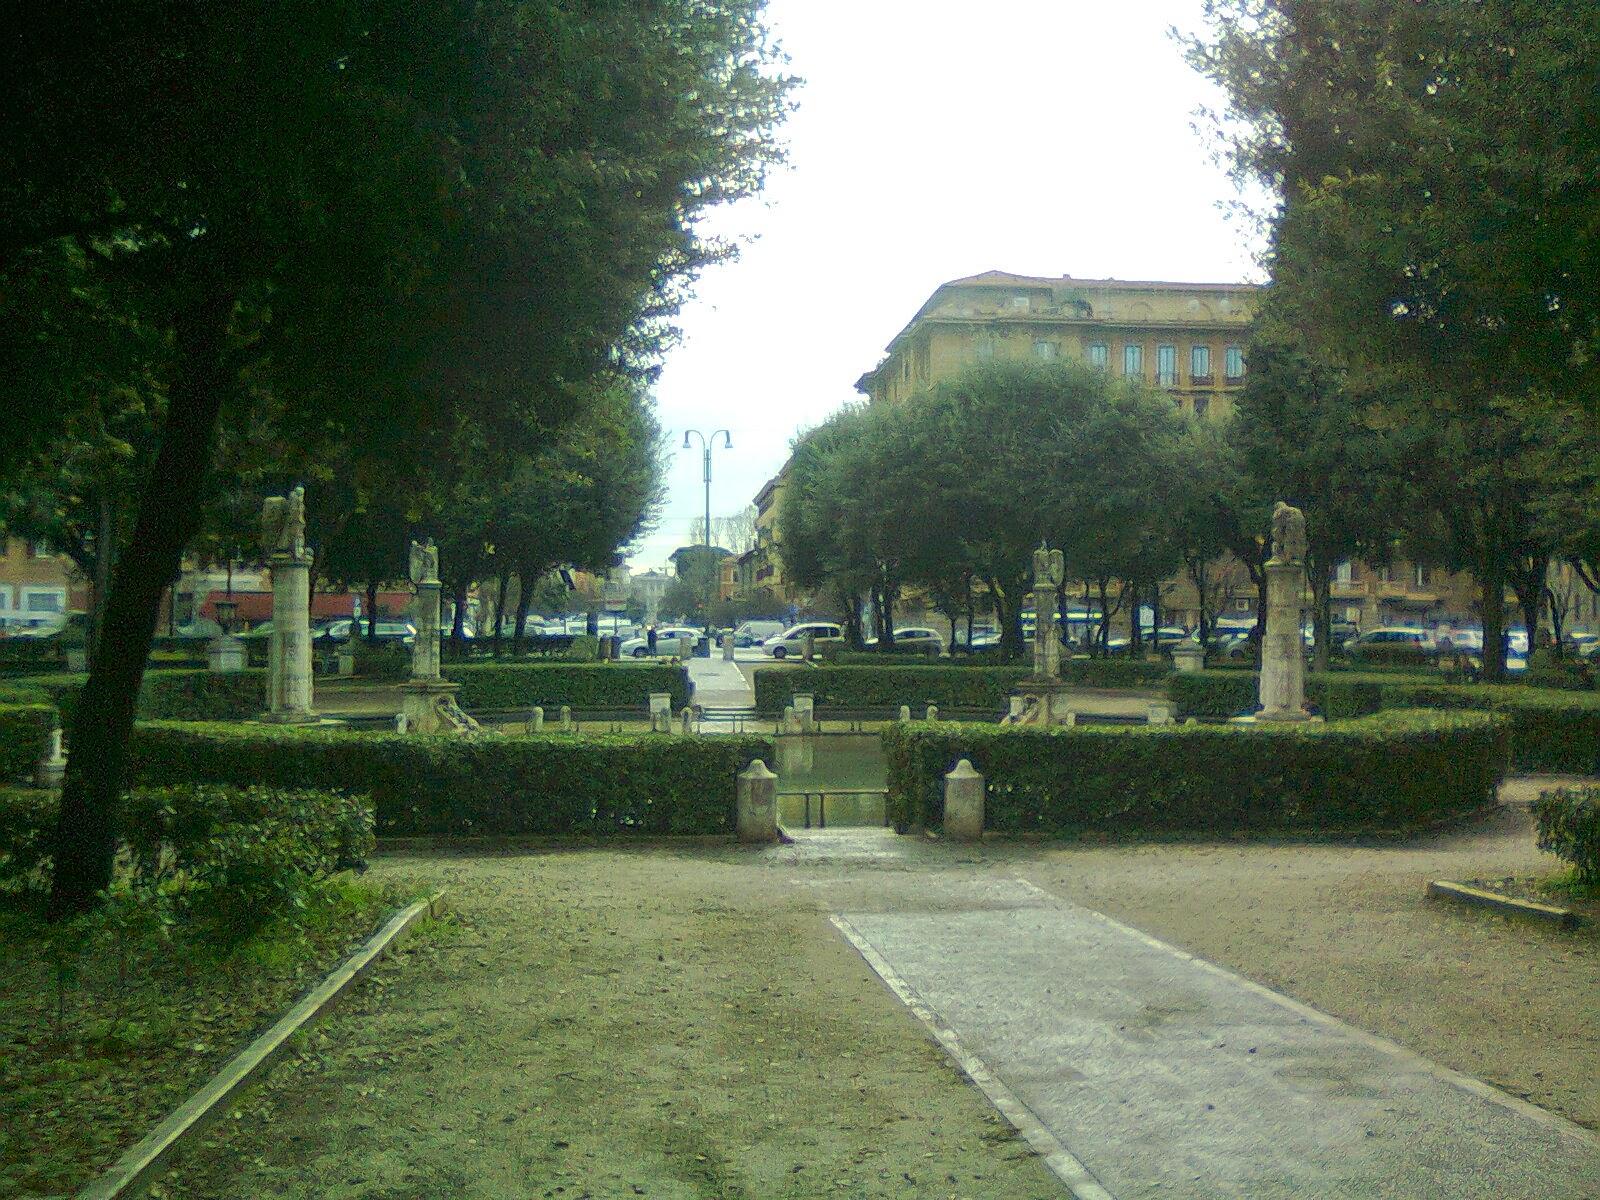 Alcune Immagini Di Piazza Mazzini Scattate Dallu0027autore Del Blog.